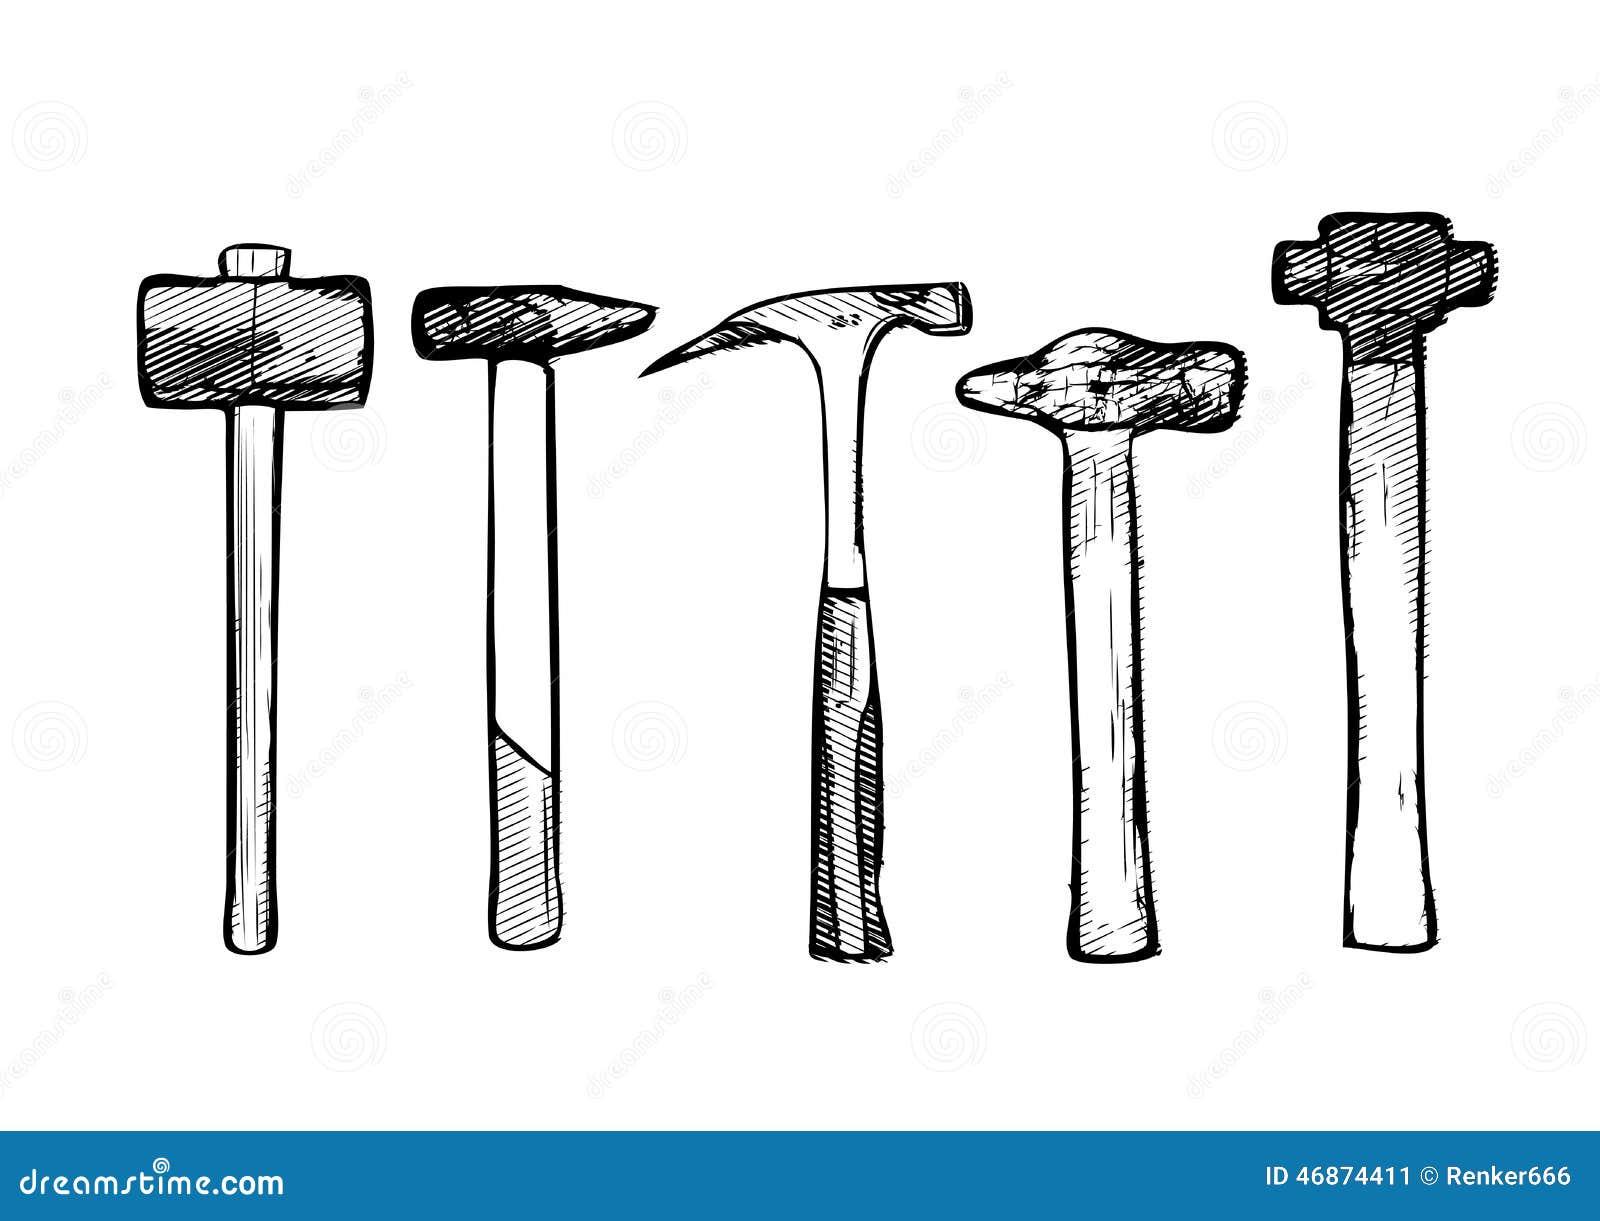 Vector Illustration Hammer: Tool Hammer Vector Illustration Stock Vector